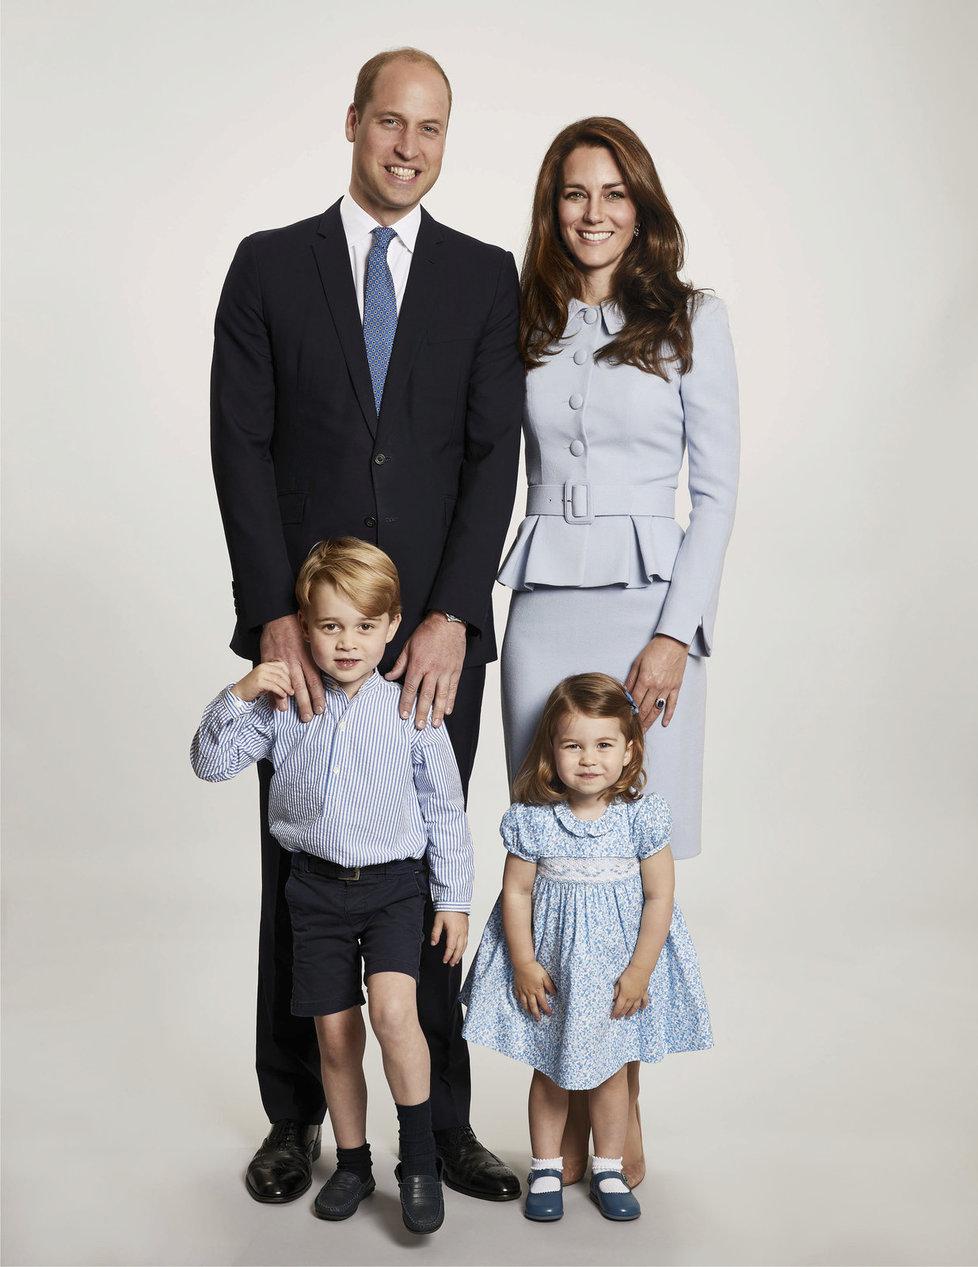 Královská rodina - princ William, vévodkyně Kate, princ George a princezna Charlotte